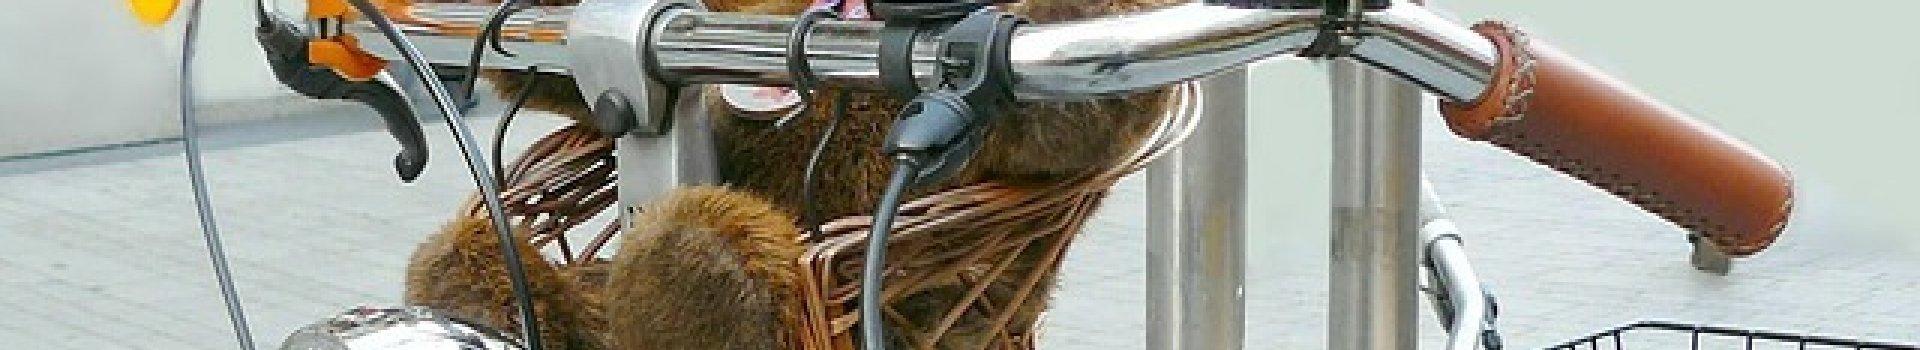 Użyteczne dodatki, czyli akcesoria rowerowe